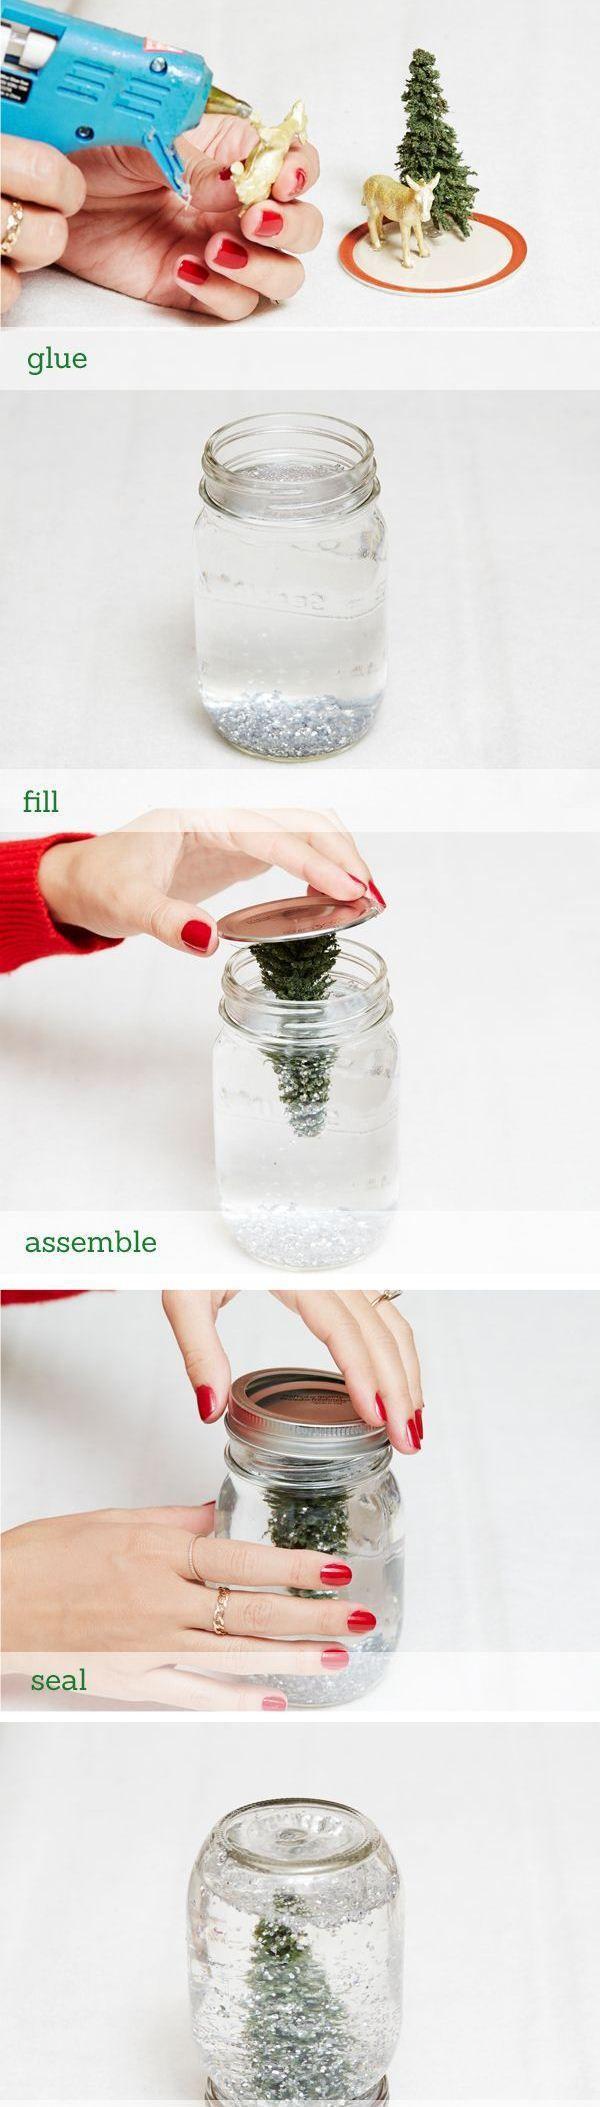 Необычные вещи и подарки своими руками | Naemi — красота, стиль, креативные идеи |